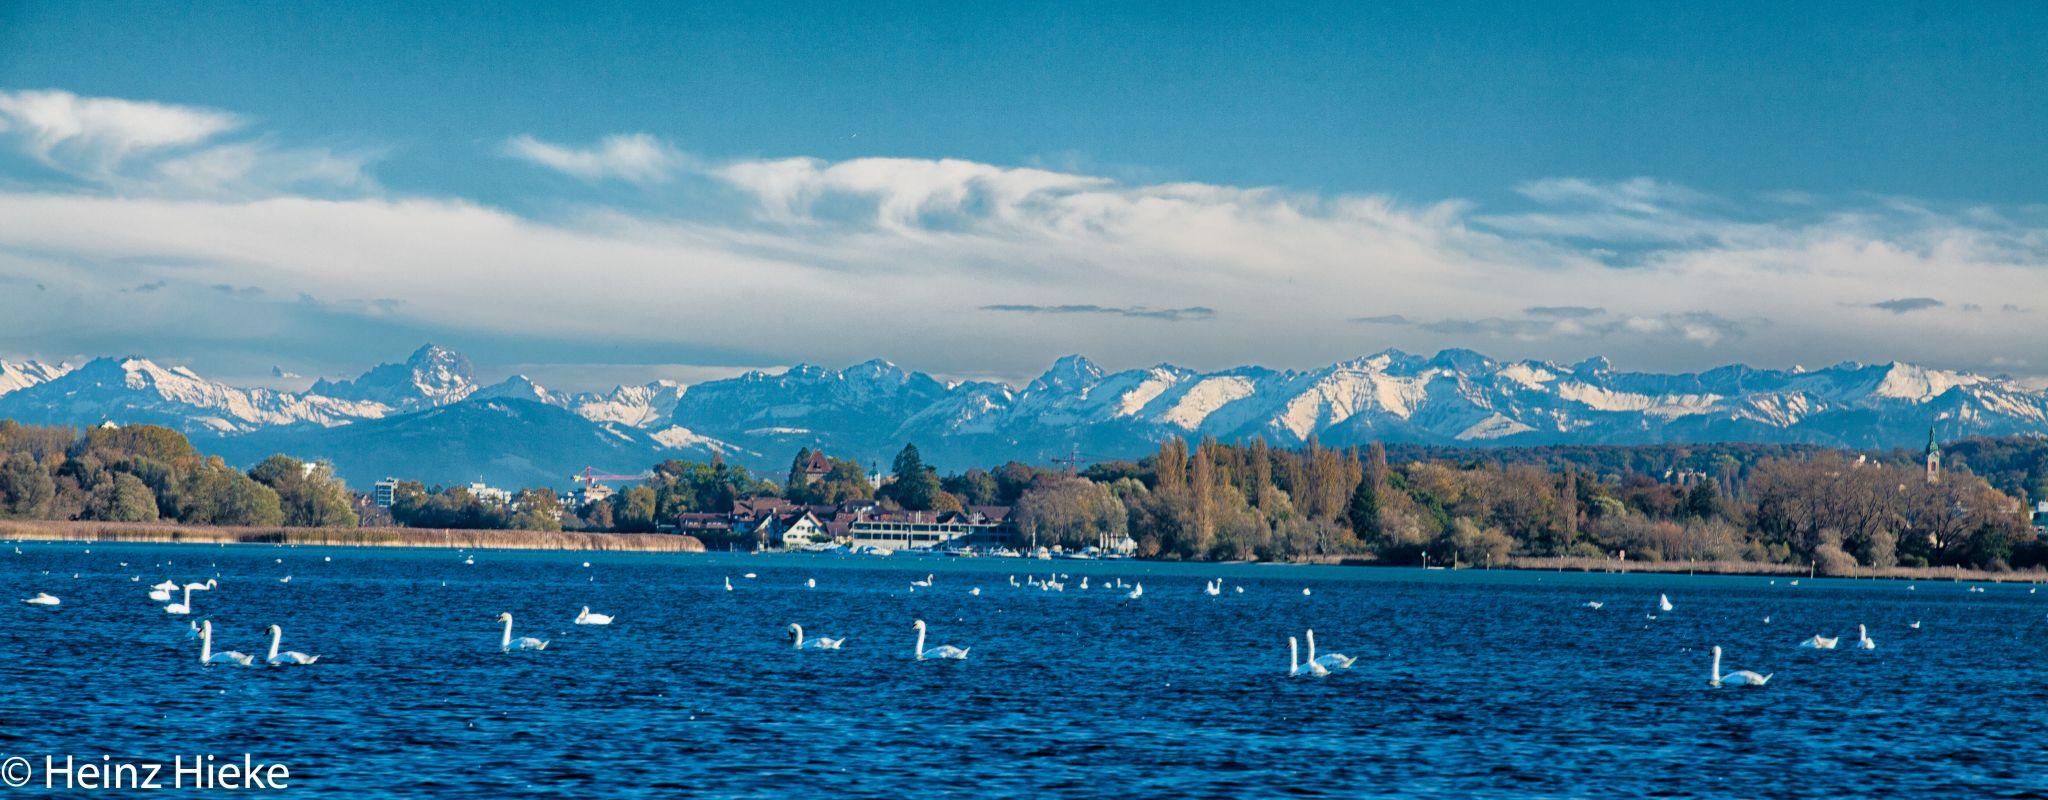 Untersee, Switzerland